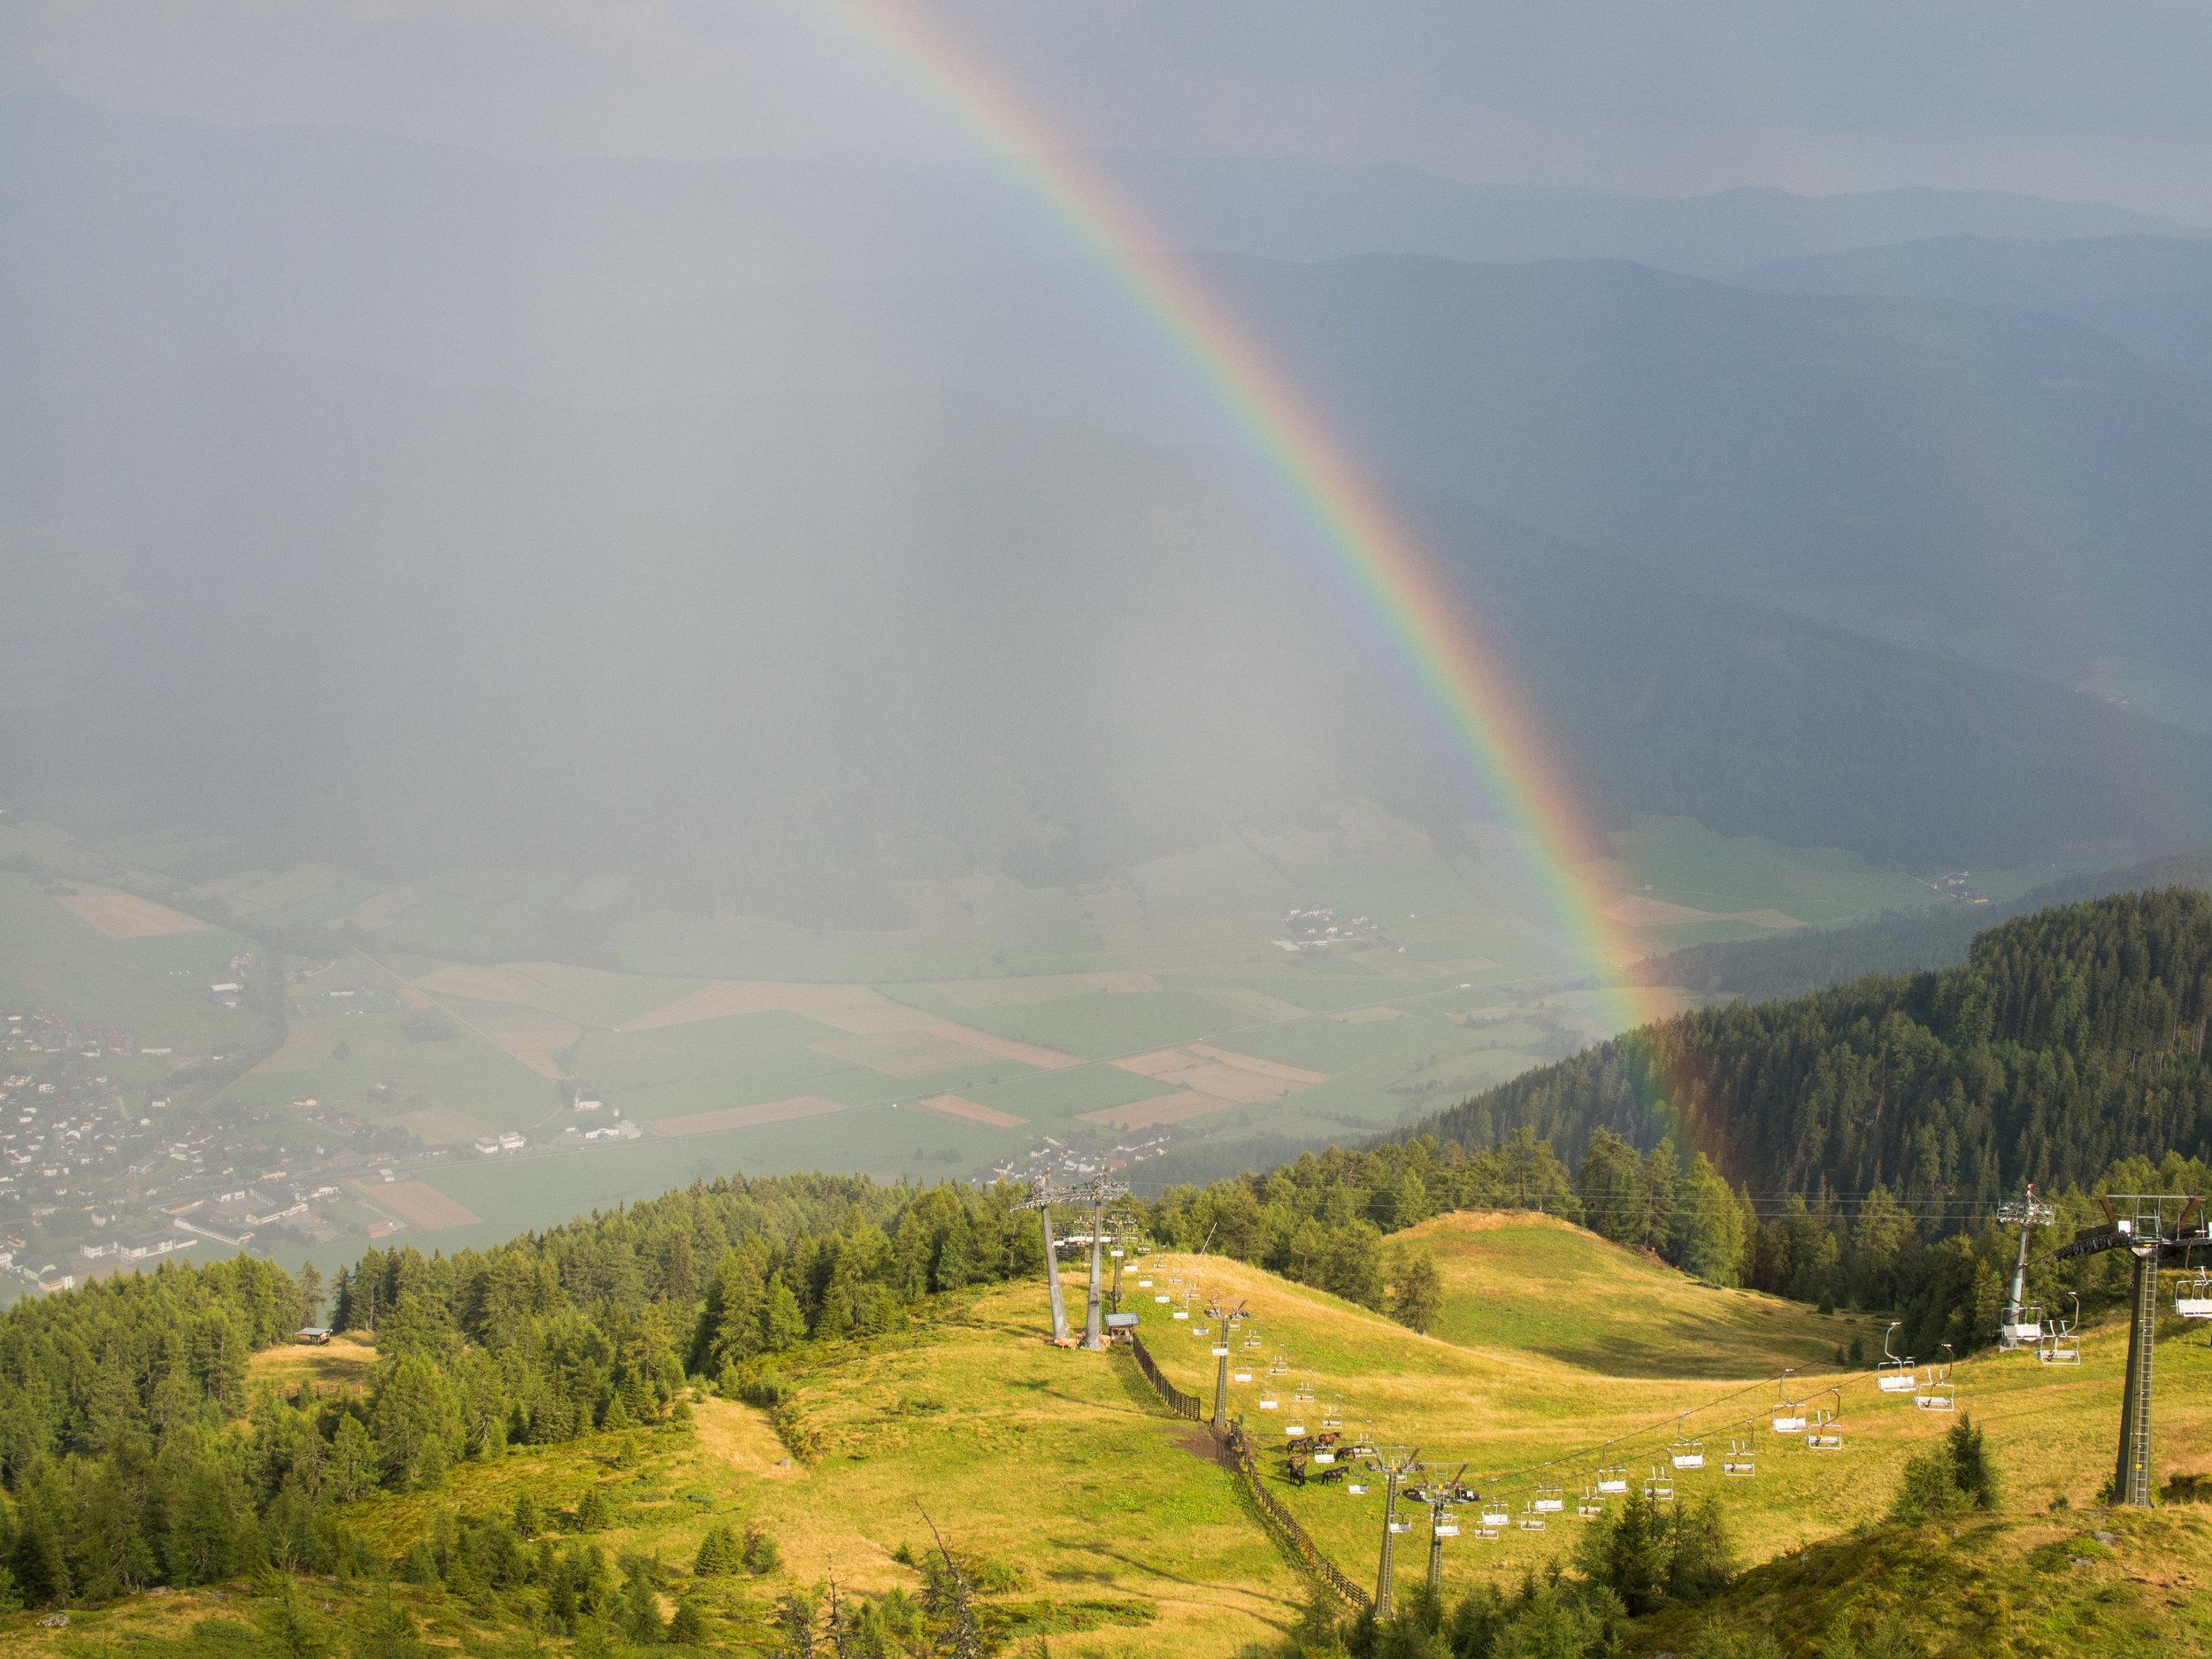 Regenbogen nach dem Hagelsturm - Eine leuchtende Brücke über dem dunklen Tal.